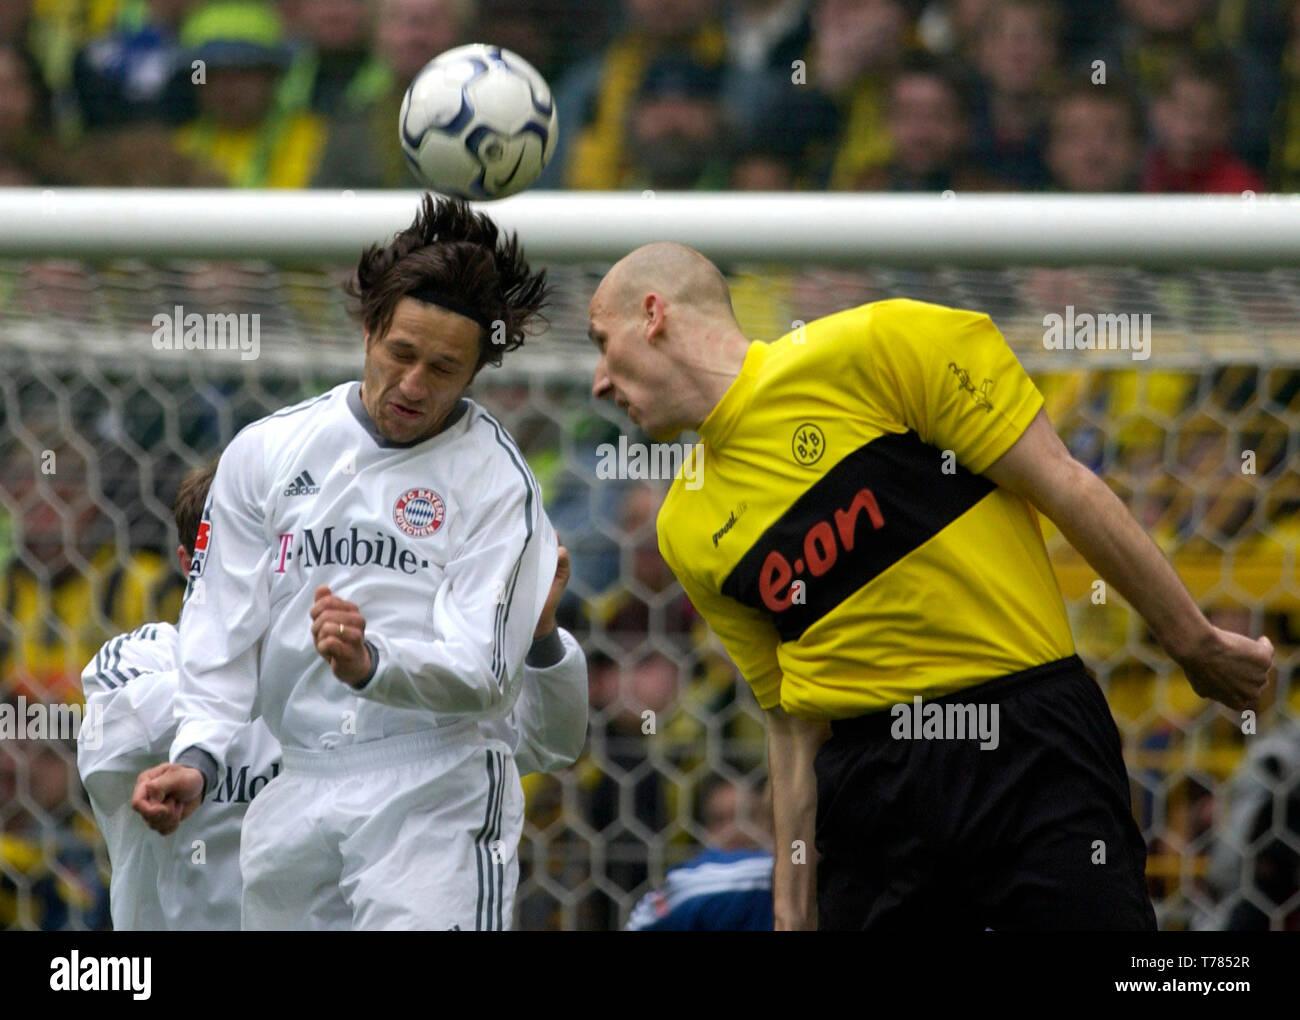 Westfalenstadion Dortmund Germany, 19.4.2003, German Football Bundesliga Season 2002/03, matchday 29, Borussia Dortmund (yellow) vs Bayern Munich (white) --- Nico Kovac (FCB), Jan Koller (BVB) - Stock Image